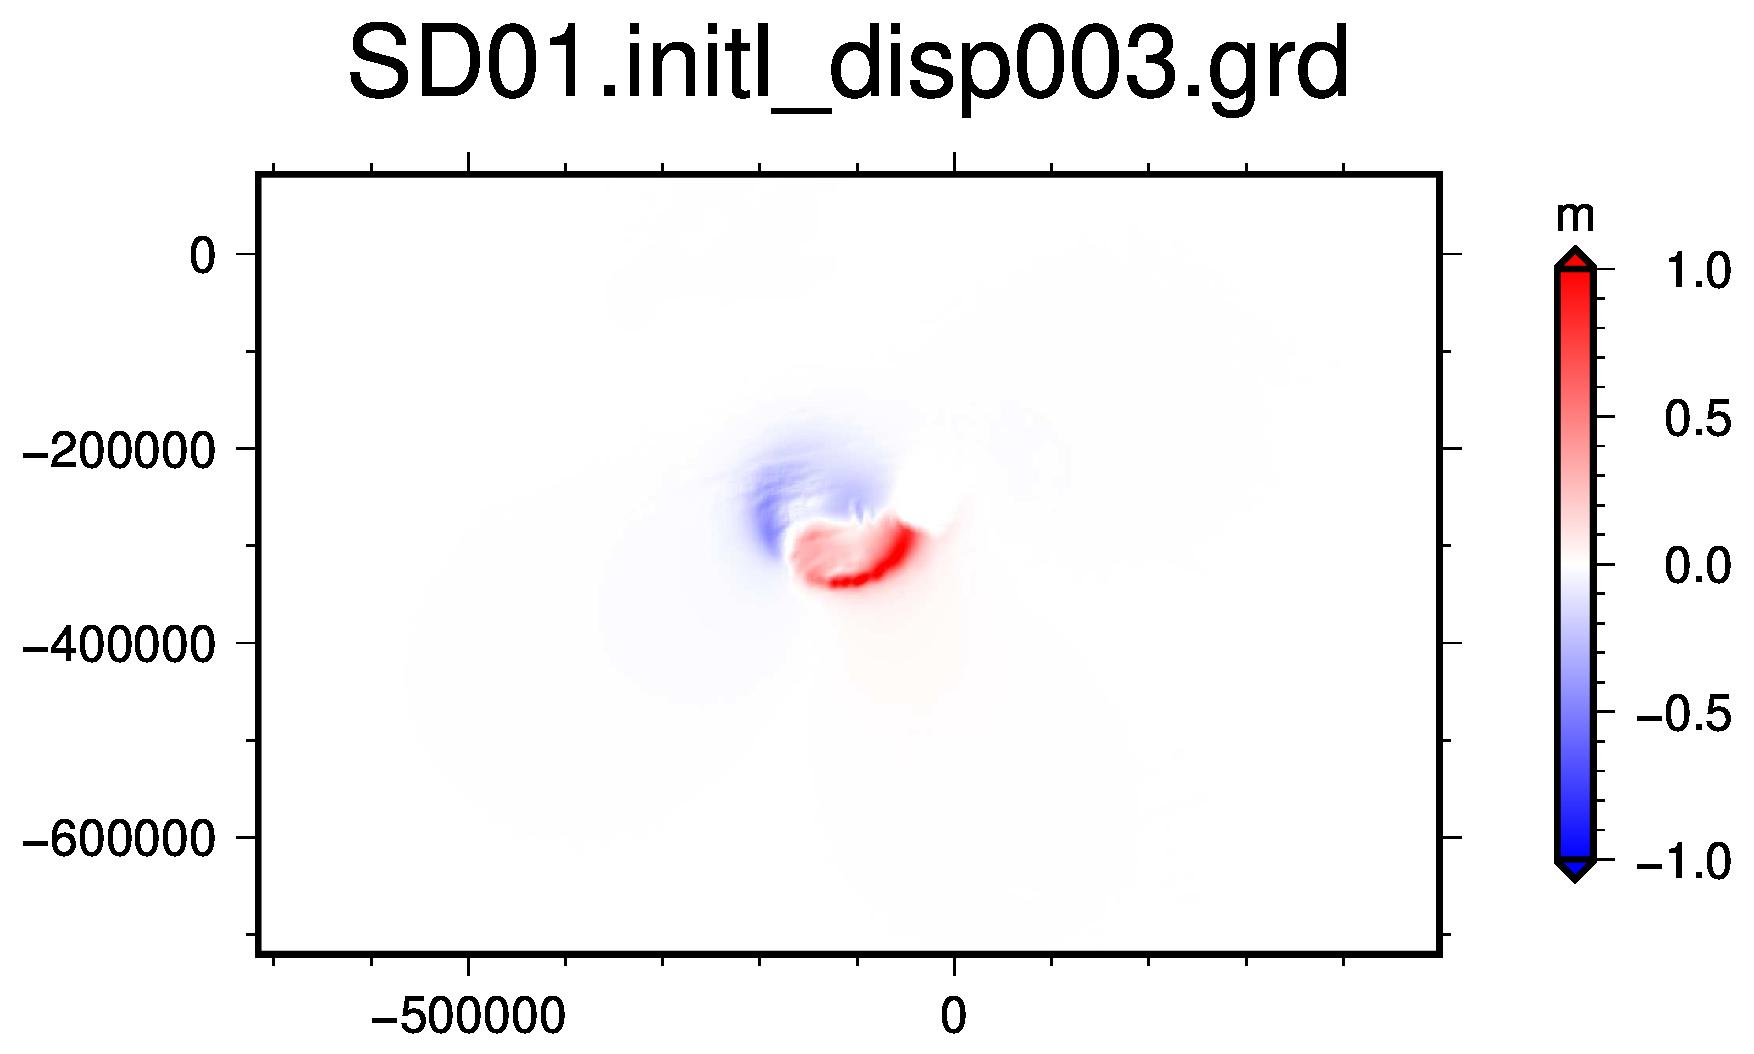 nankai03_SD01.initl_disp003.png